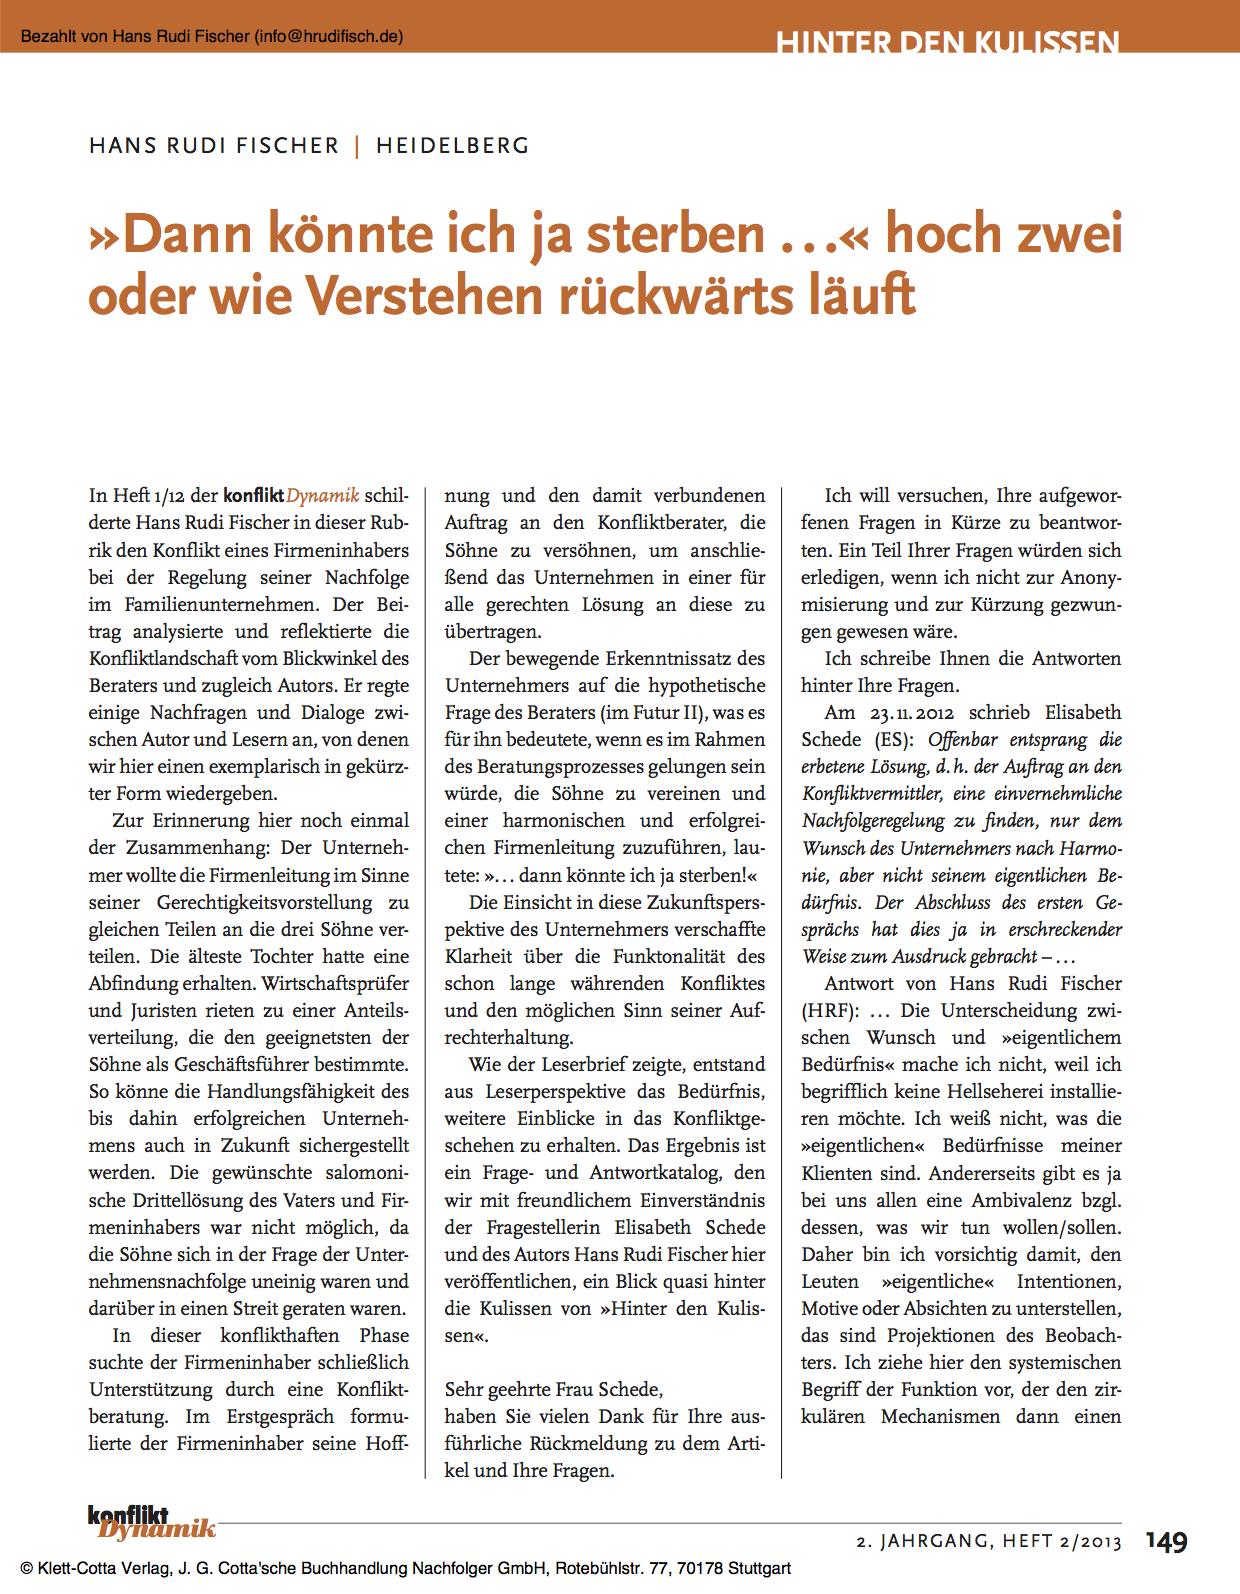 Hinter_kulissen_hoch_2kd_2013_02_149-151